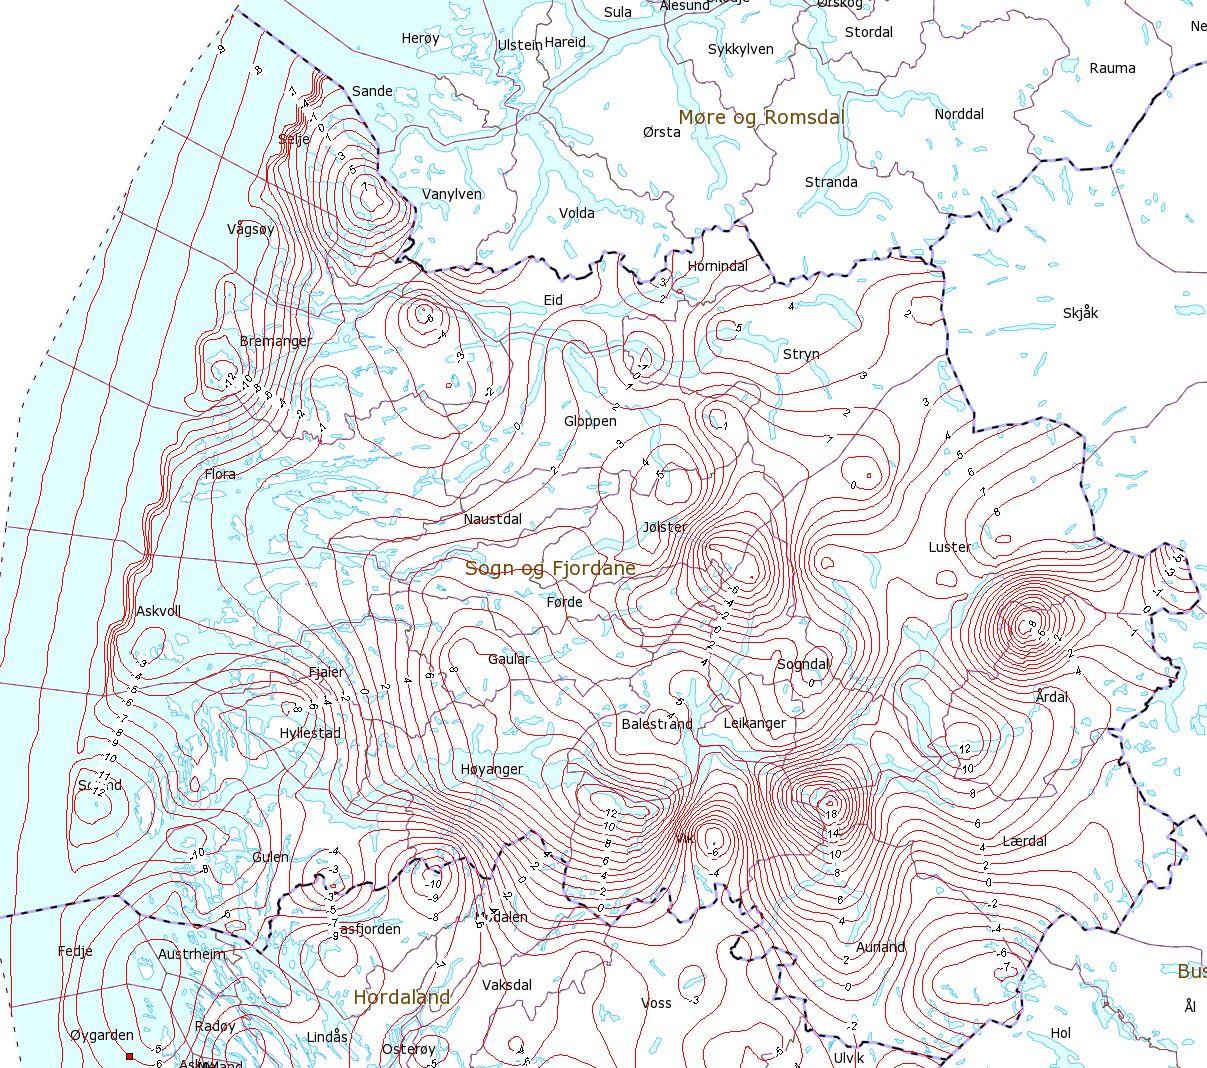 Plakat Sogn Og Fjordane Gra Bakgrunn Plakat Handtegnet Og Kart